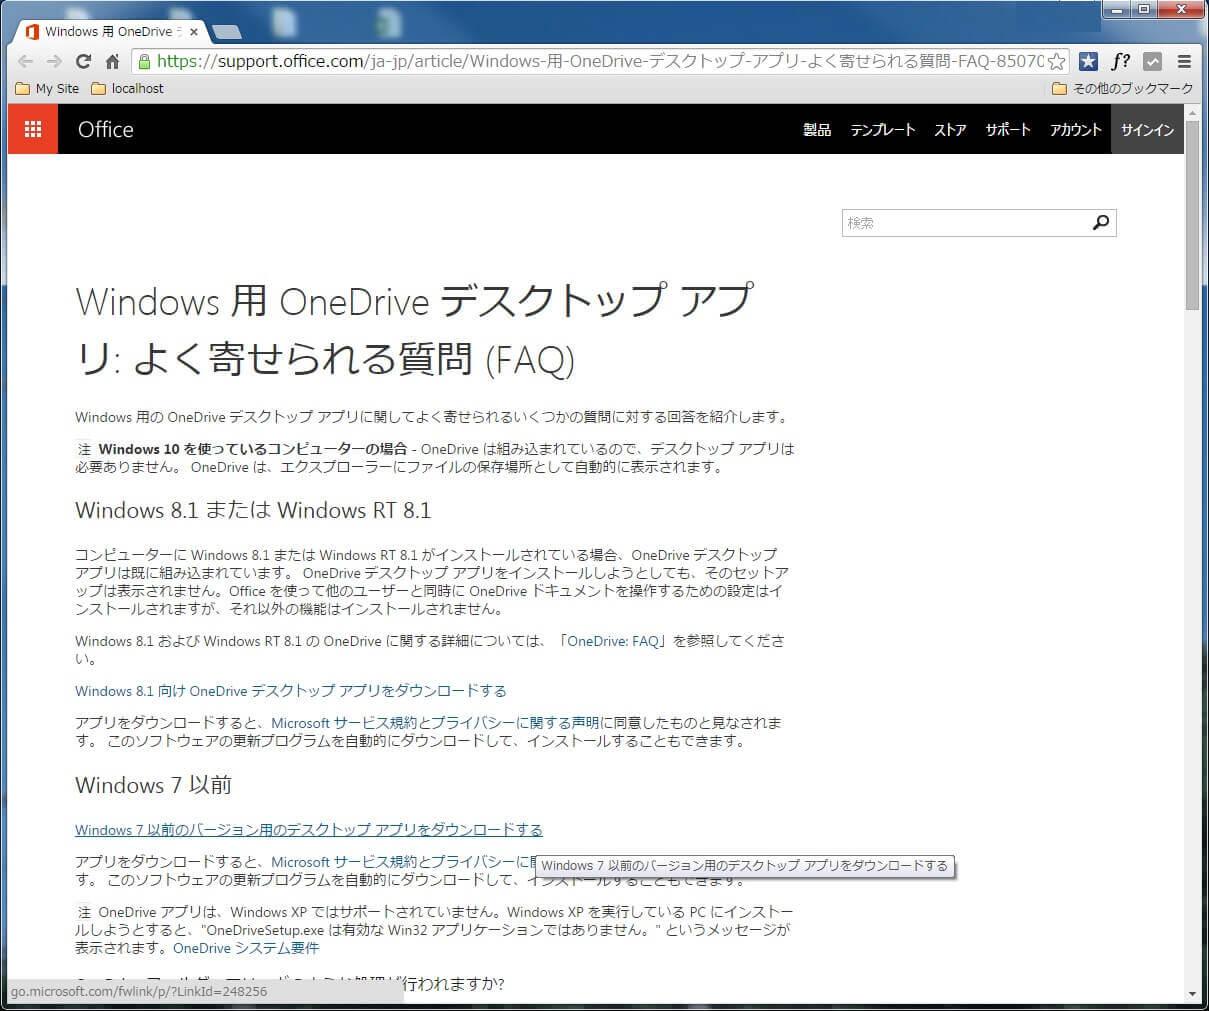 OneDriveアプリケーションのダウンロードページ画面